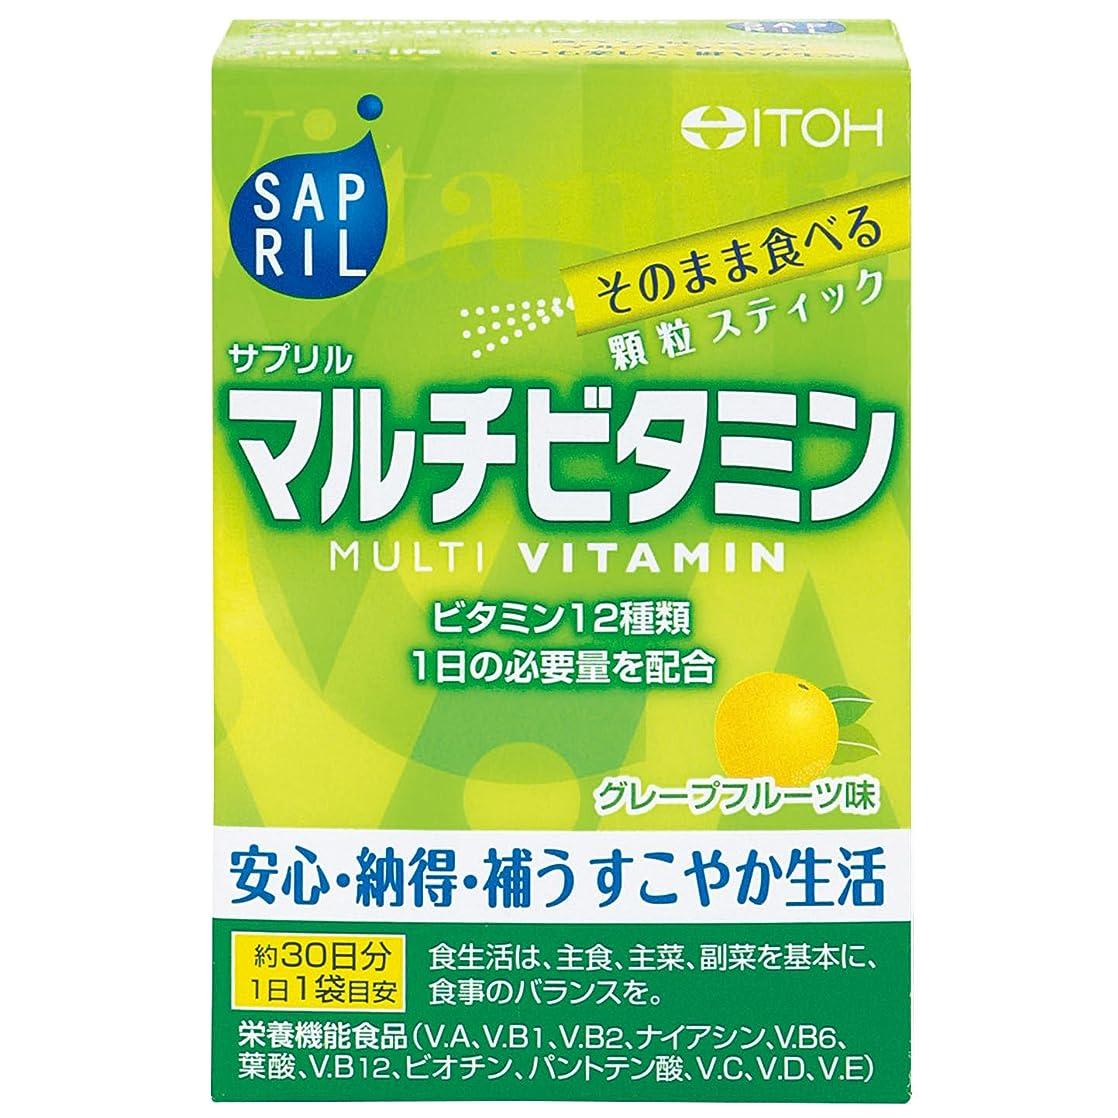 シリーズブレススクラッチ井藤漢方製薬 サプリル マルチビタミン 約30日分 2gX30袋